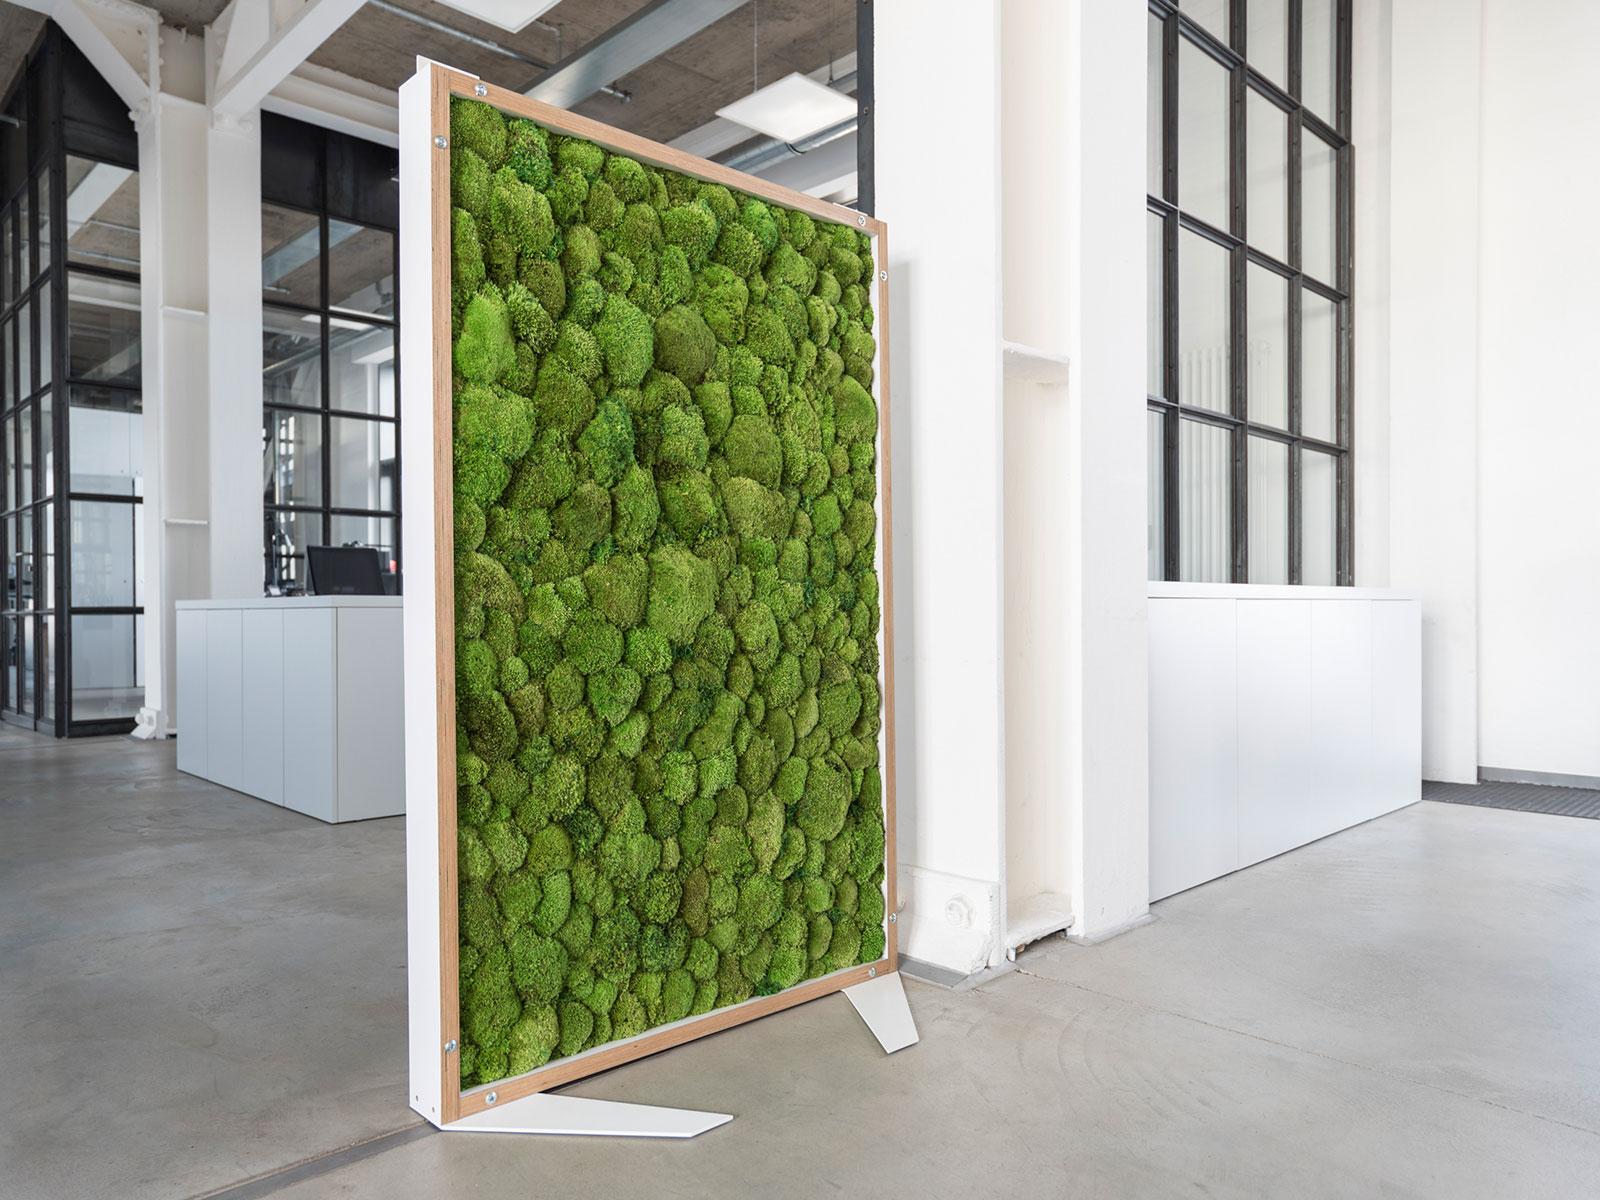 moosw nde von hydroflora sthetischer schallschutz der berzeugt hydroflora gmbh. Black Bedroom Furniture Sets. Home Design Ideas